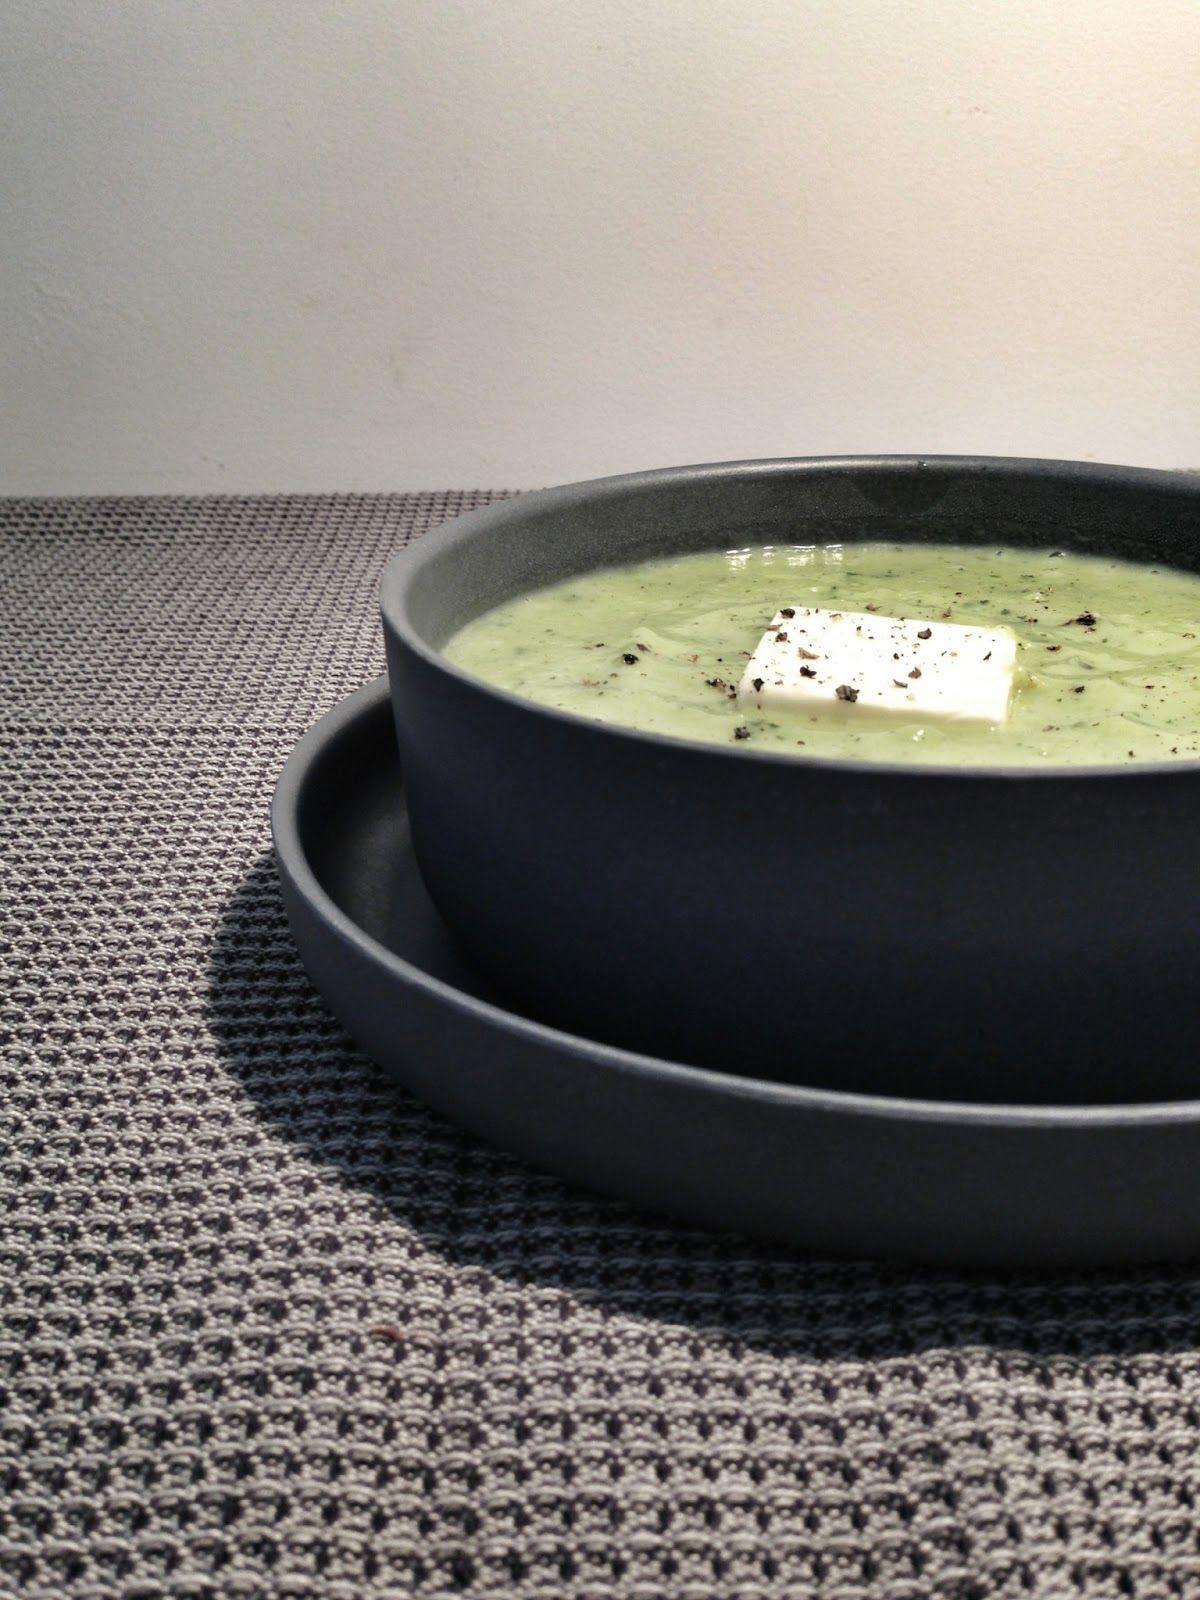 Velouté de courgettes au kiri : 4 courgettes - 1 pommes de terre (ou 2 petites) - 2 gousses d'ail - 2 kiri - Huile d'olive - Sel, poivre - Environ 1l. d'eau bouillante salée